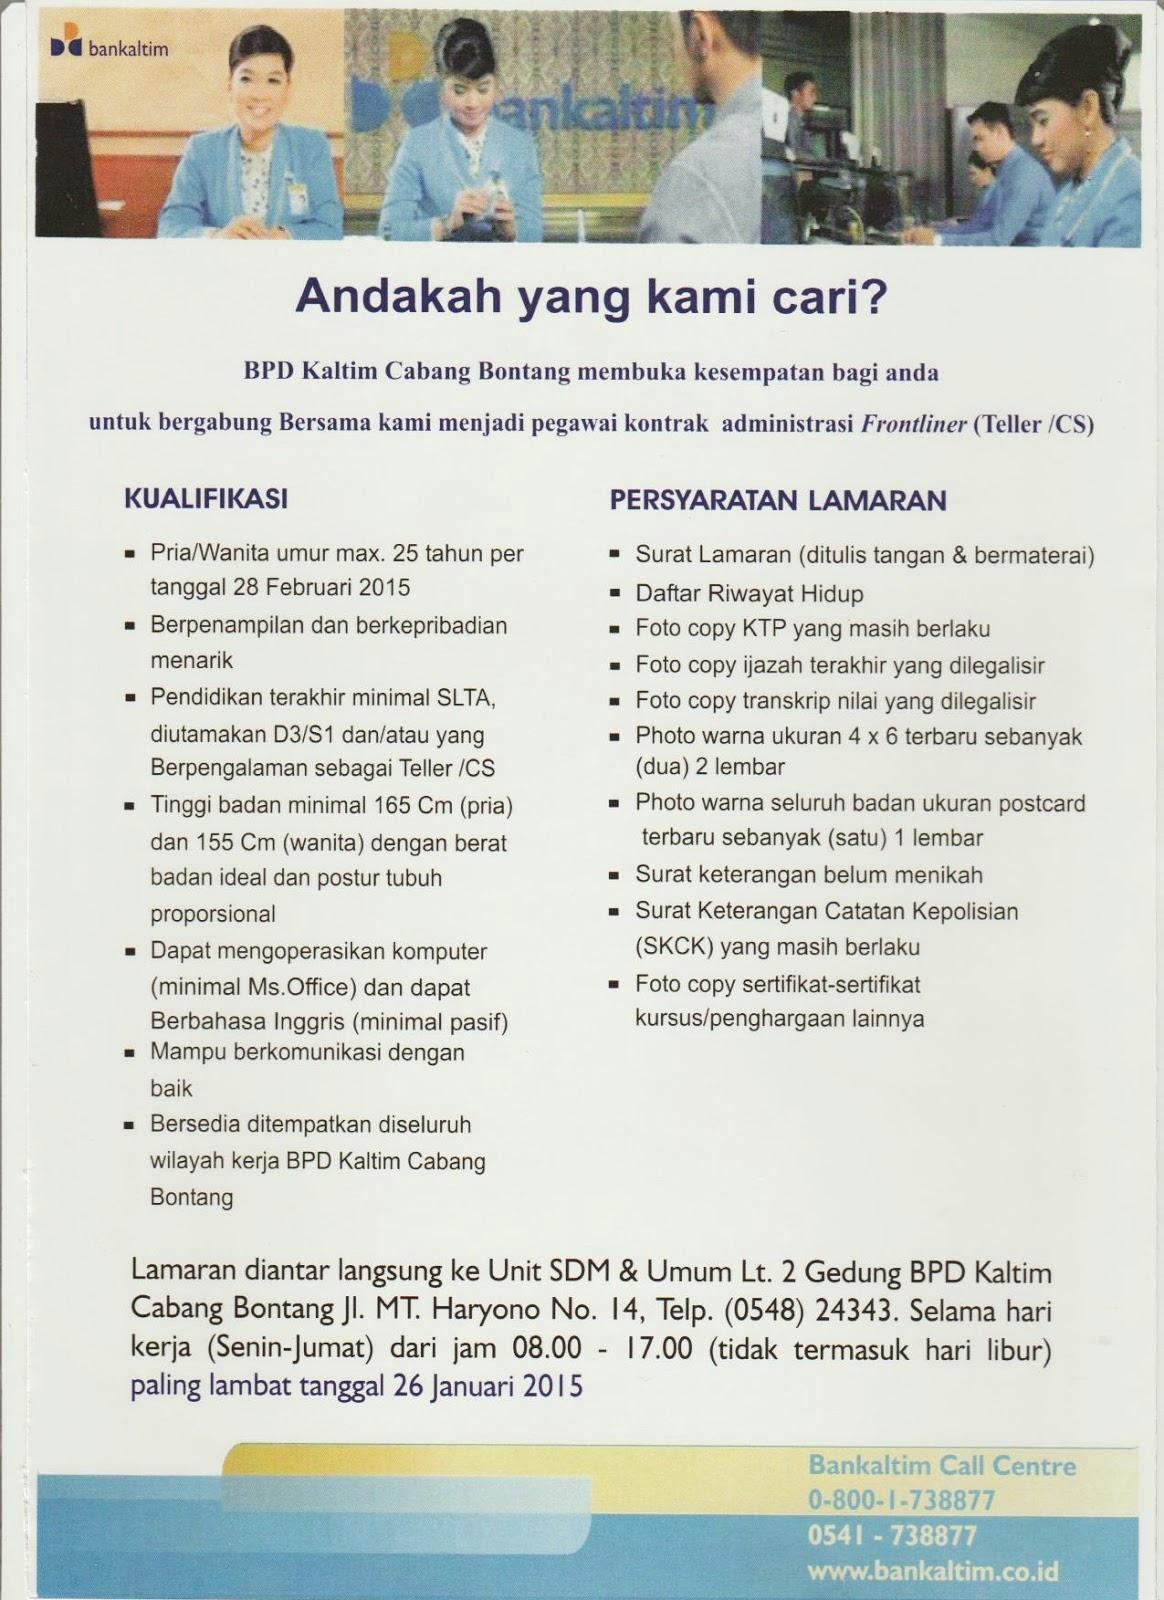 Lowongan Kerja Terbaru Bank BPD Kaltim Cabang Bontang Januari 2015